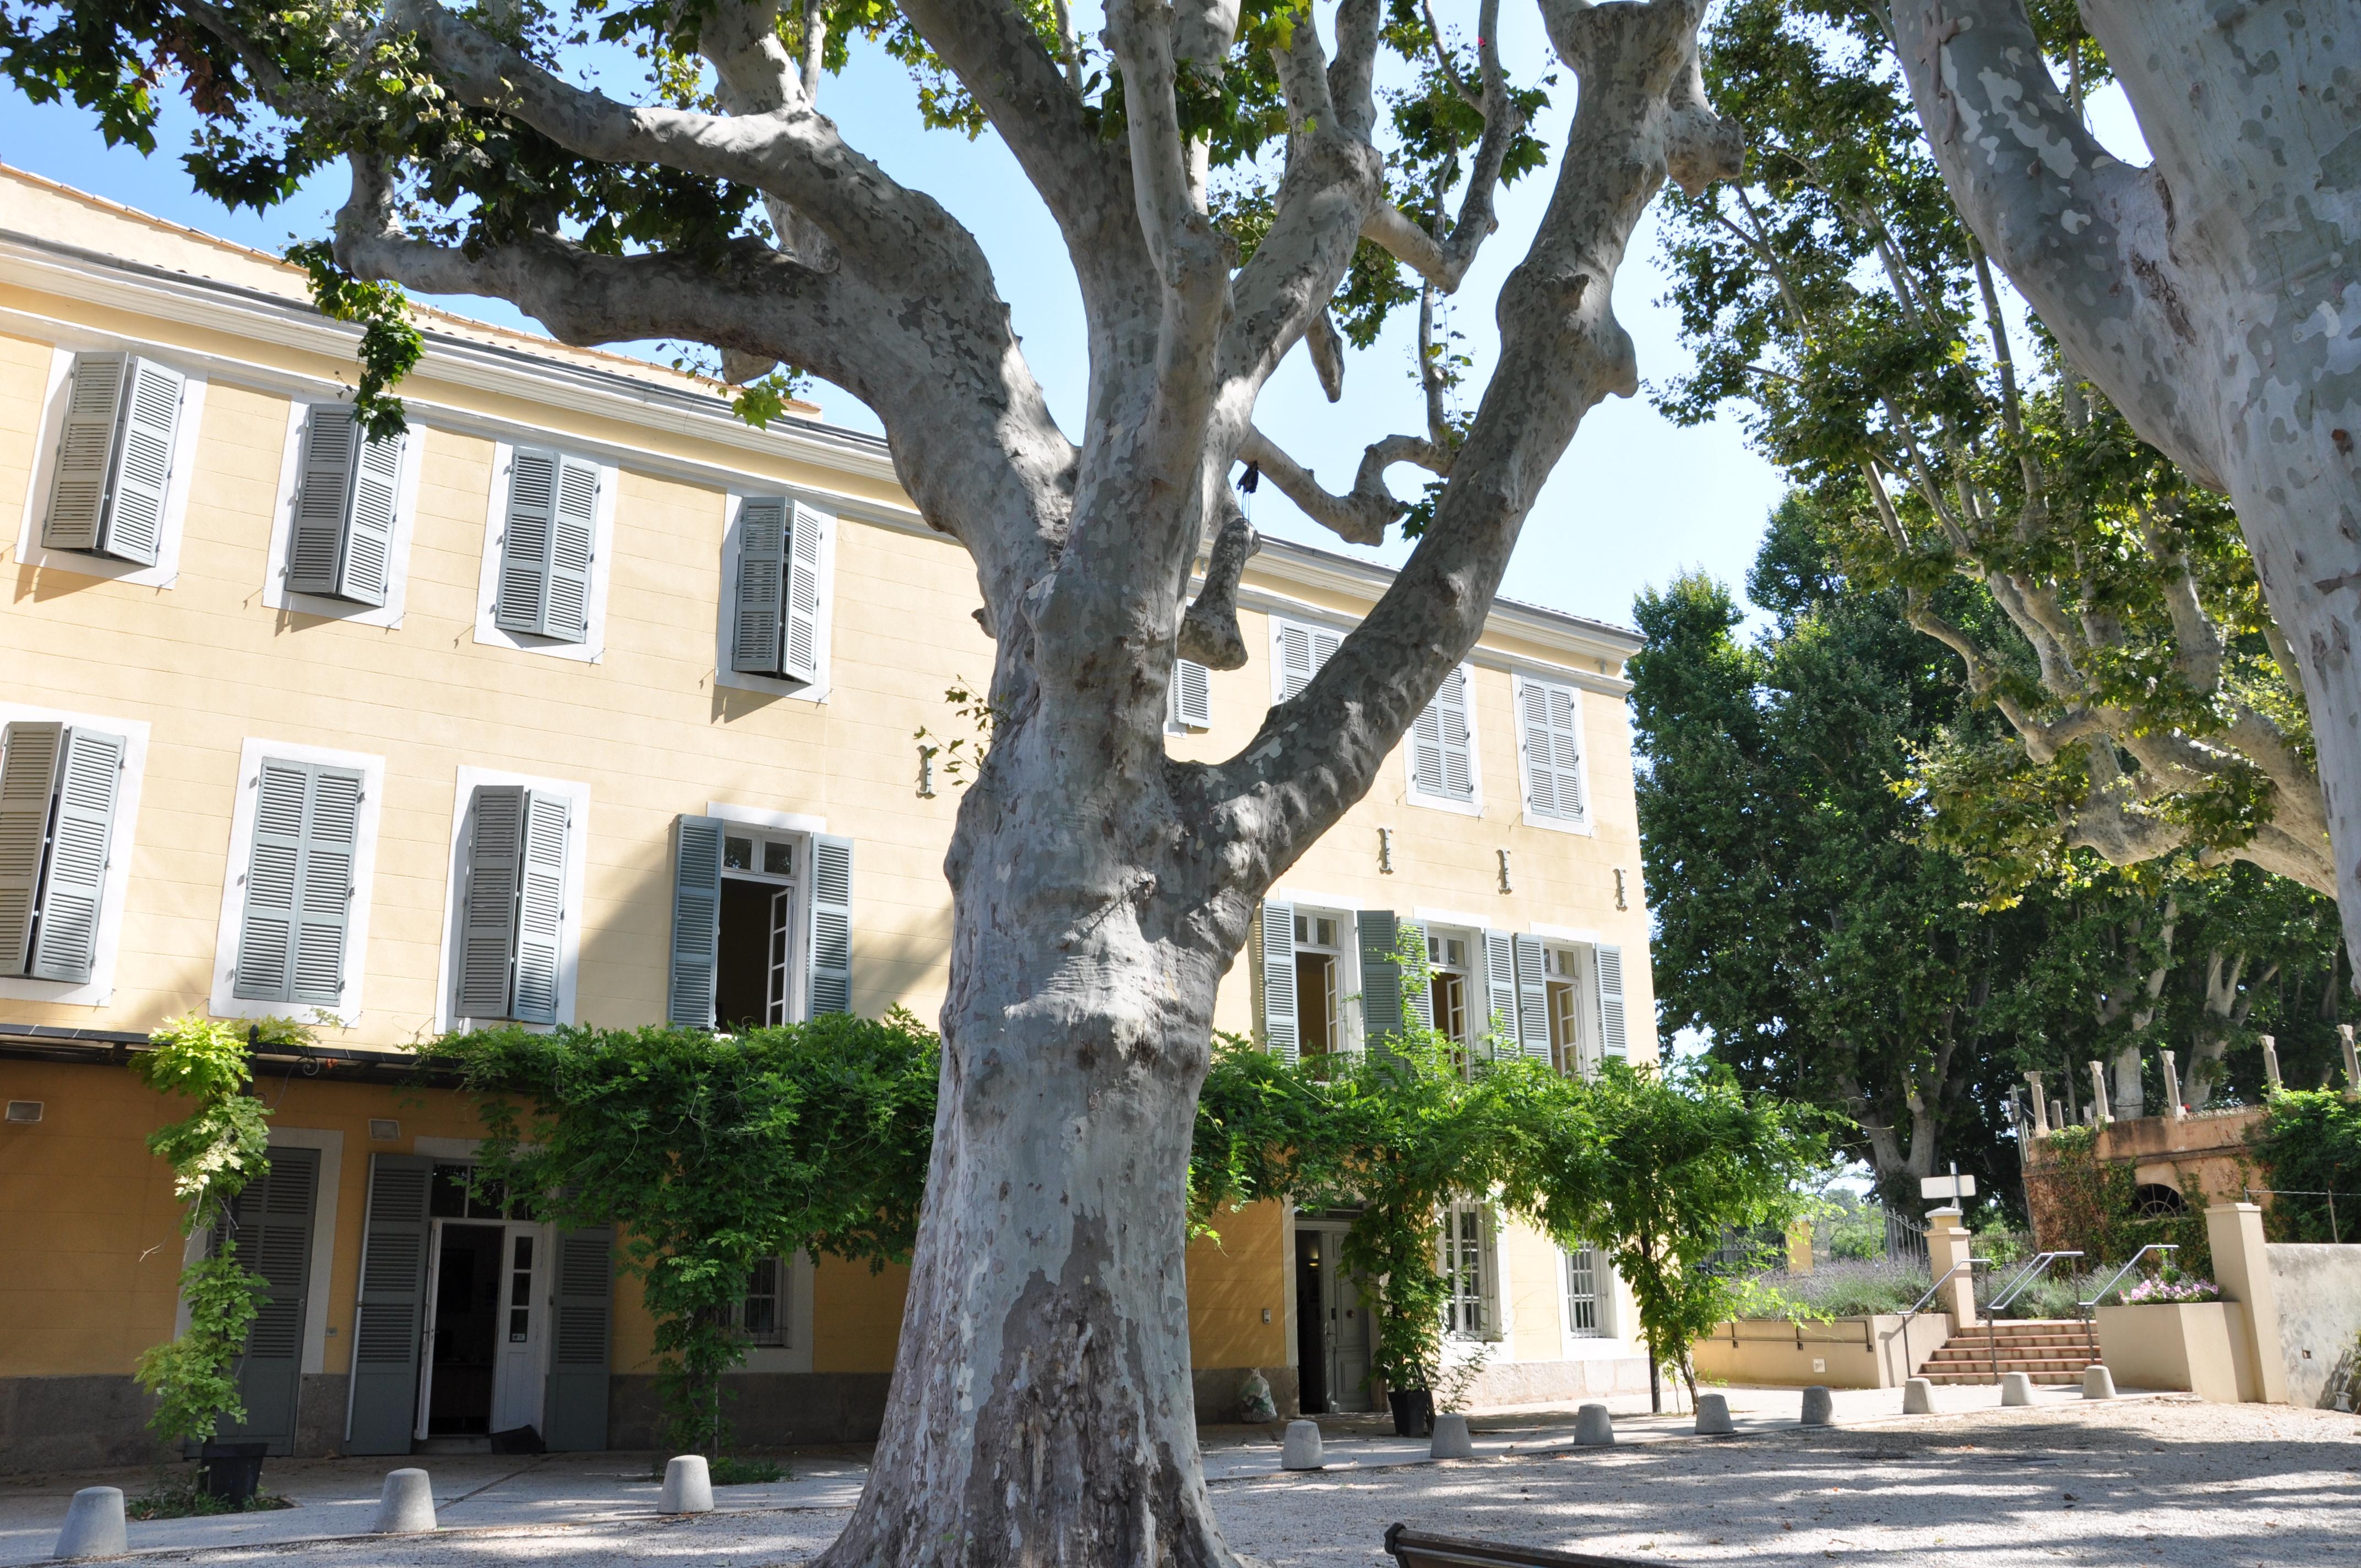 Domaine de Fontblanche - Vitrolles - Vincent Rimi